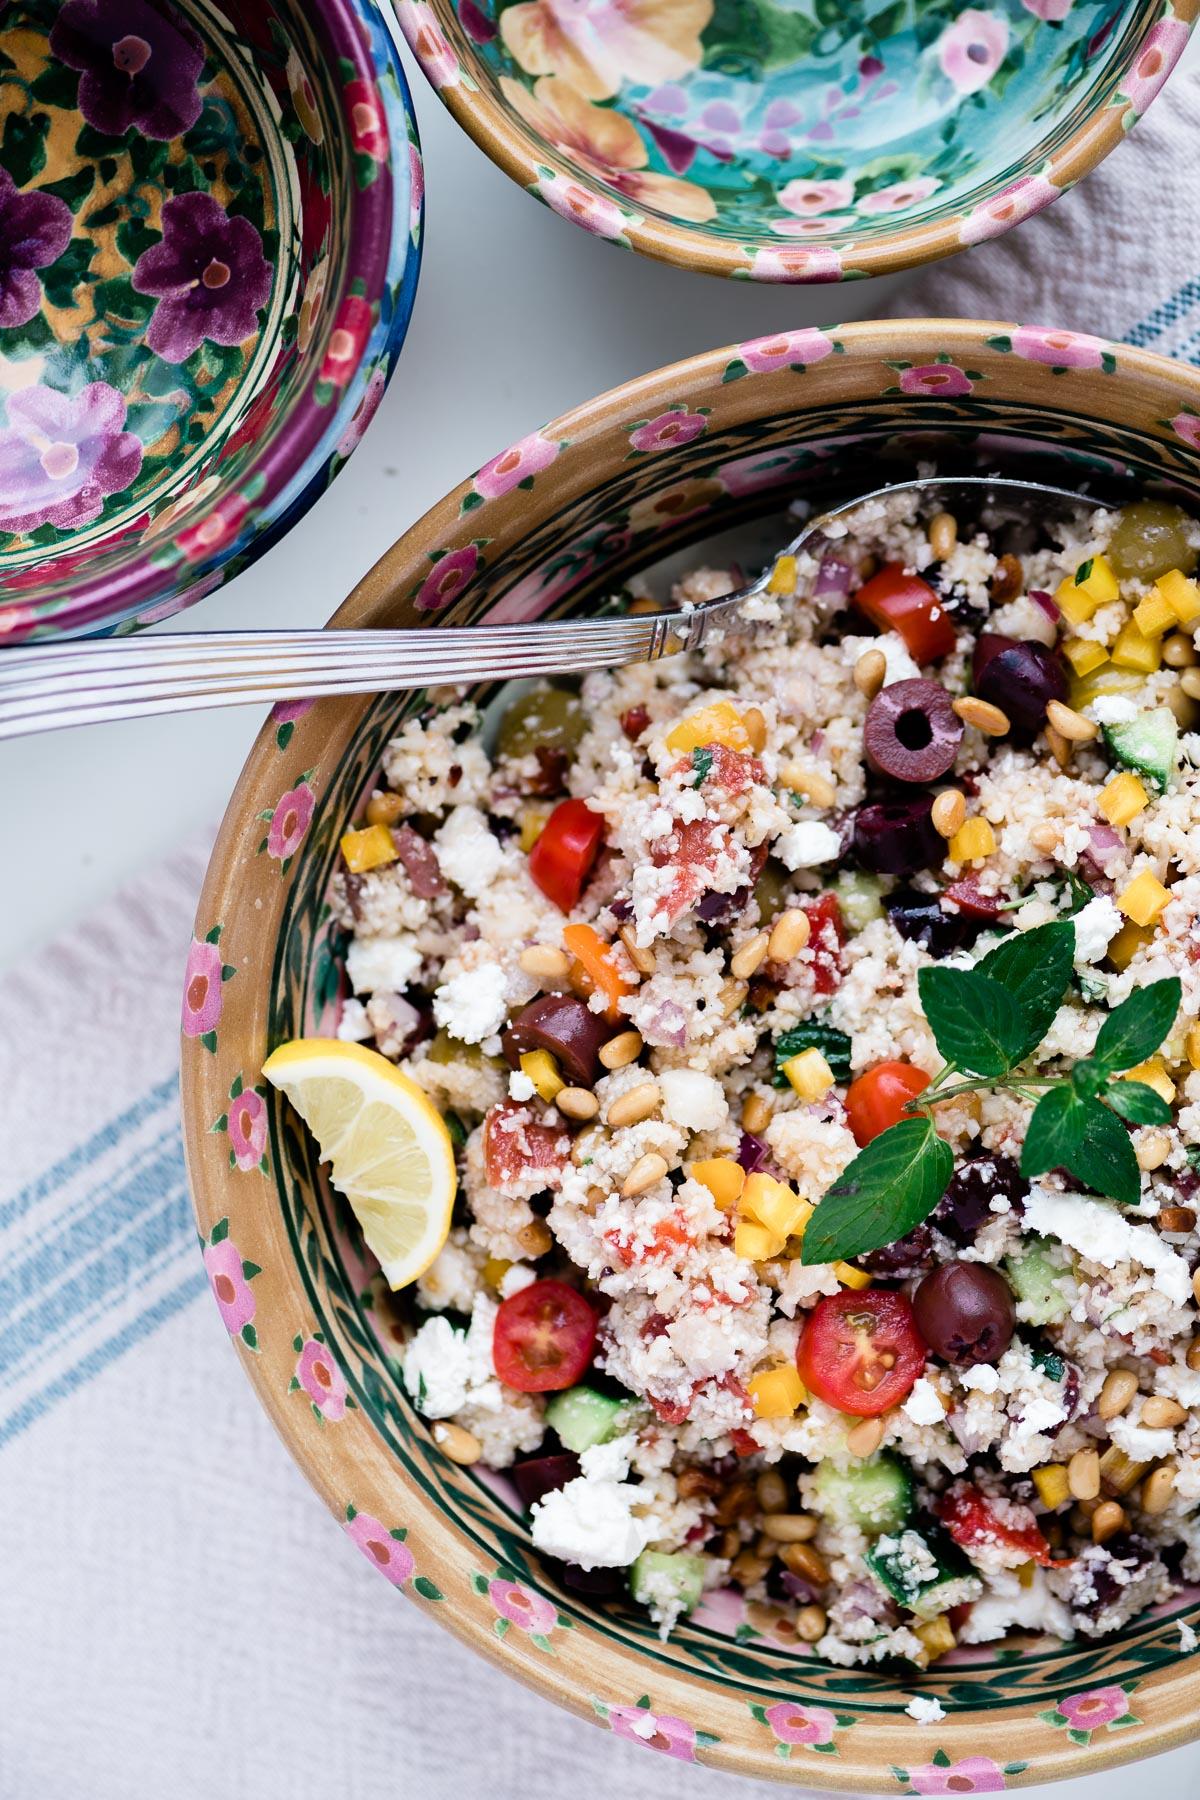 cauliflower couscous salad in floral bowls